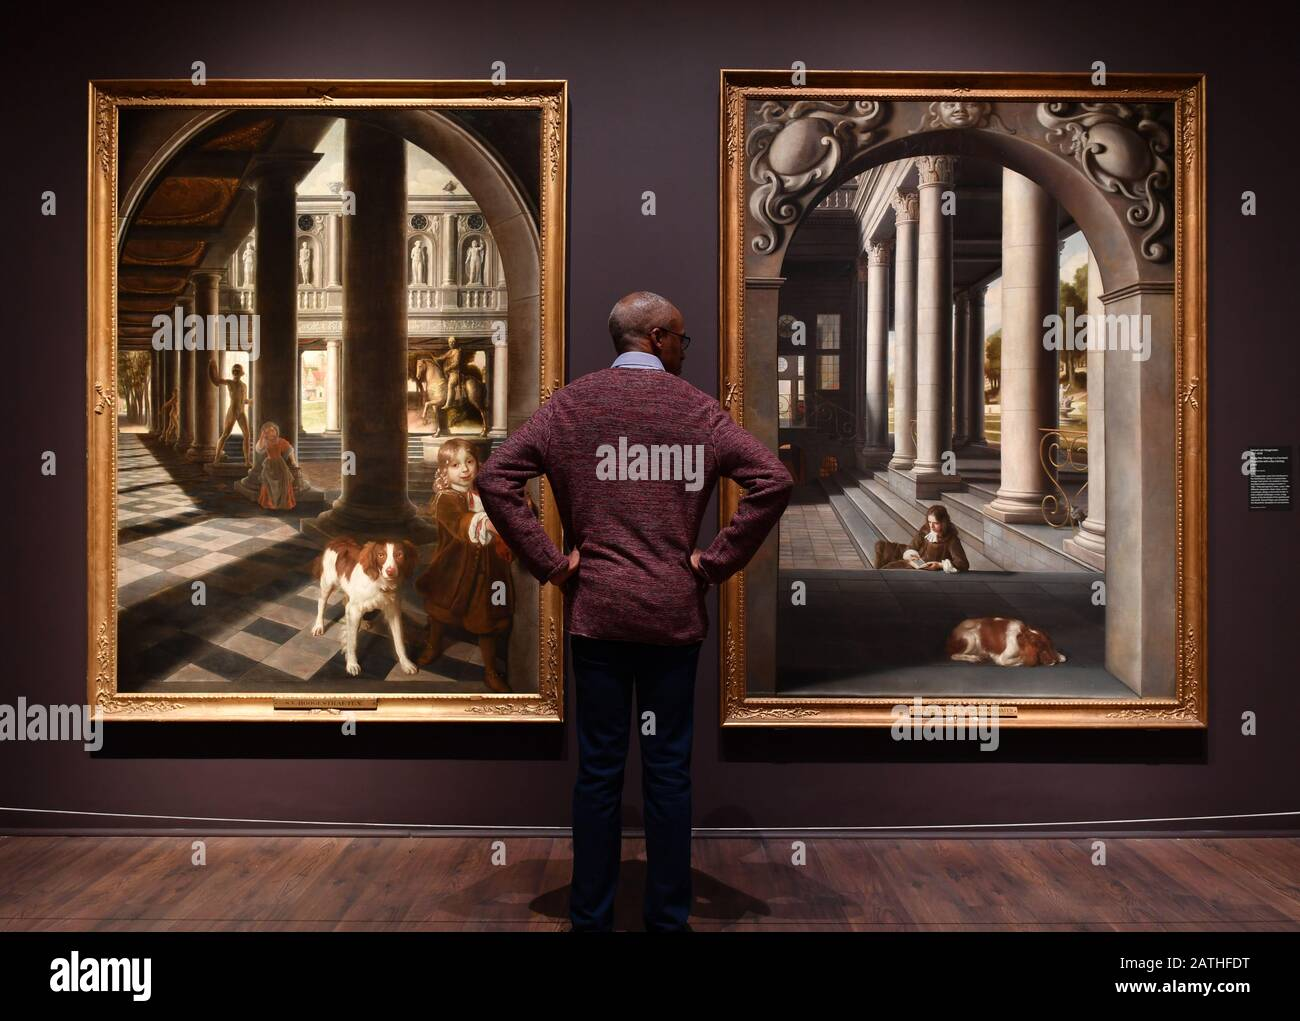 Perspektivische Illusion Stockfotos Und Bilder Kaufen Alamy